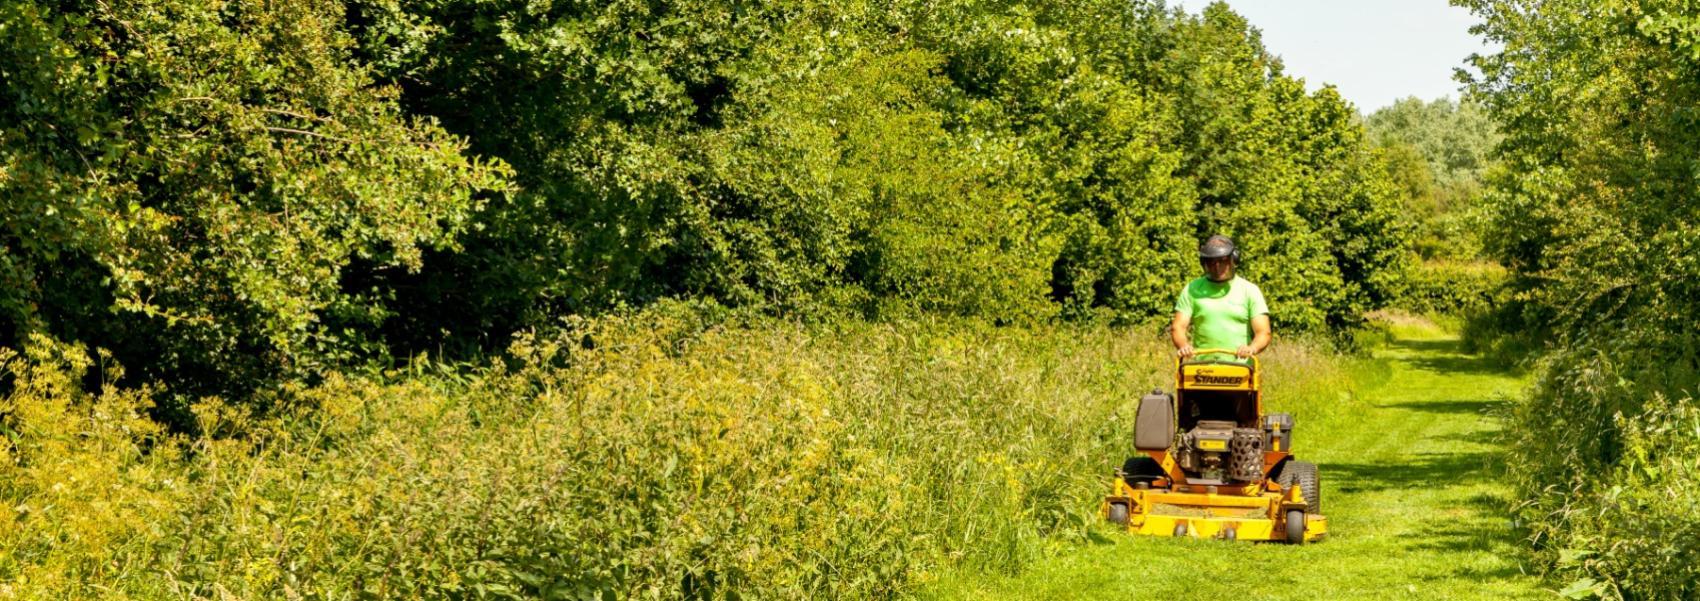 arbeider staand op grasmachine